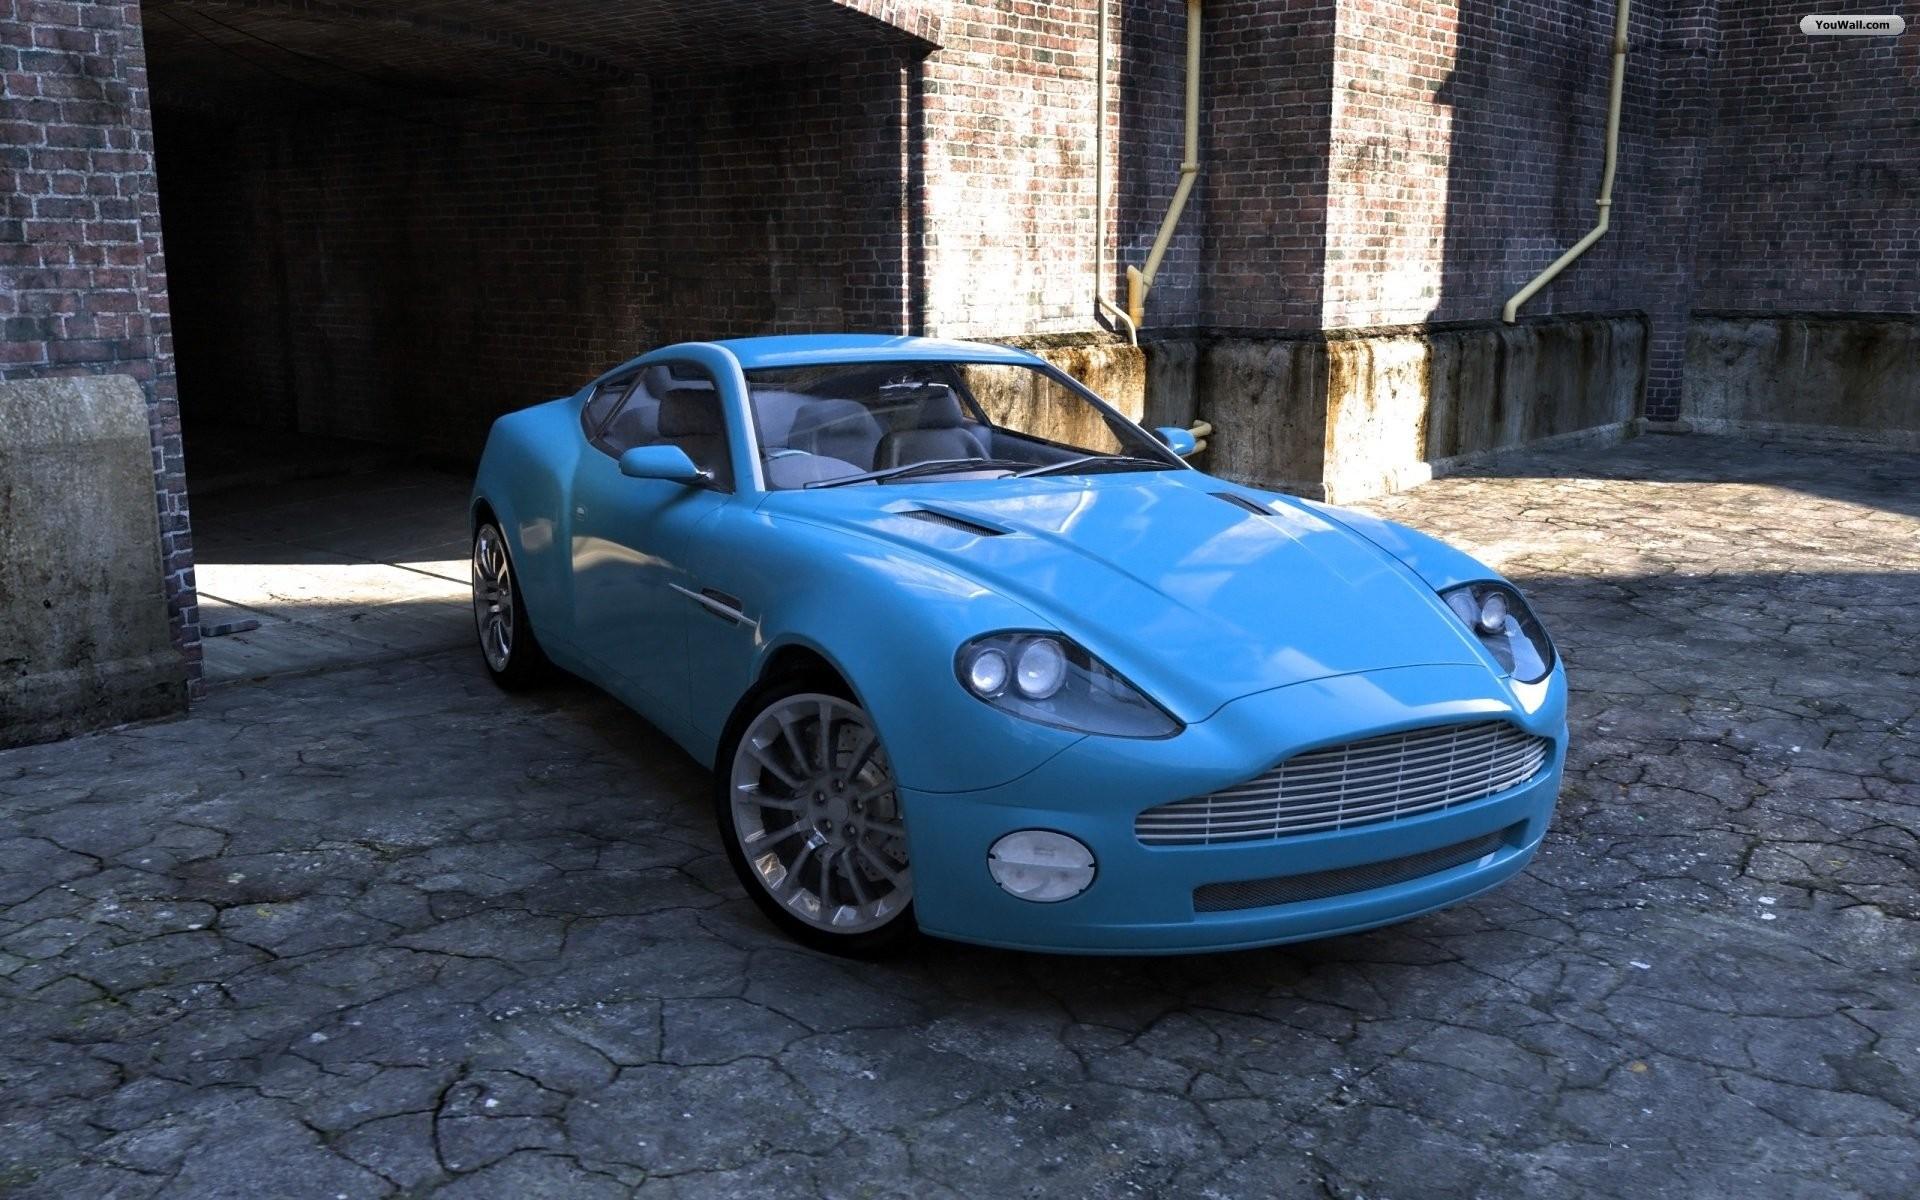 Blue Super Car Wallpaper